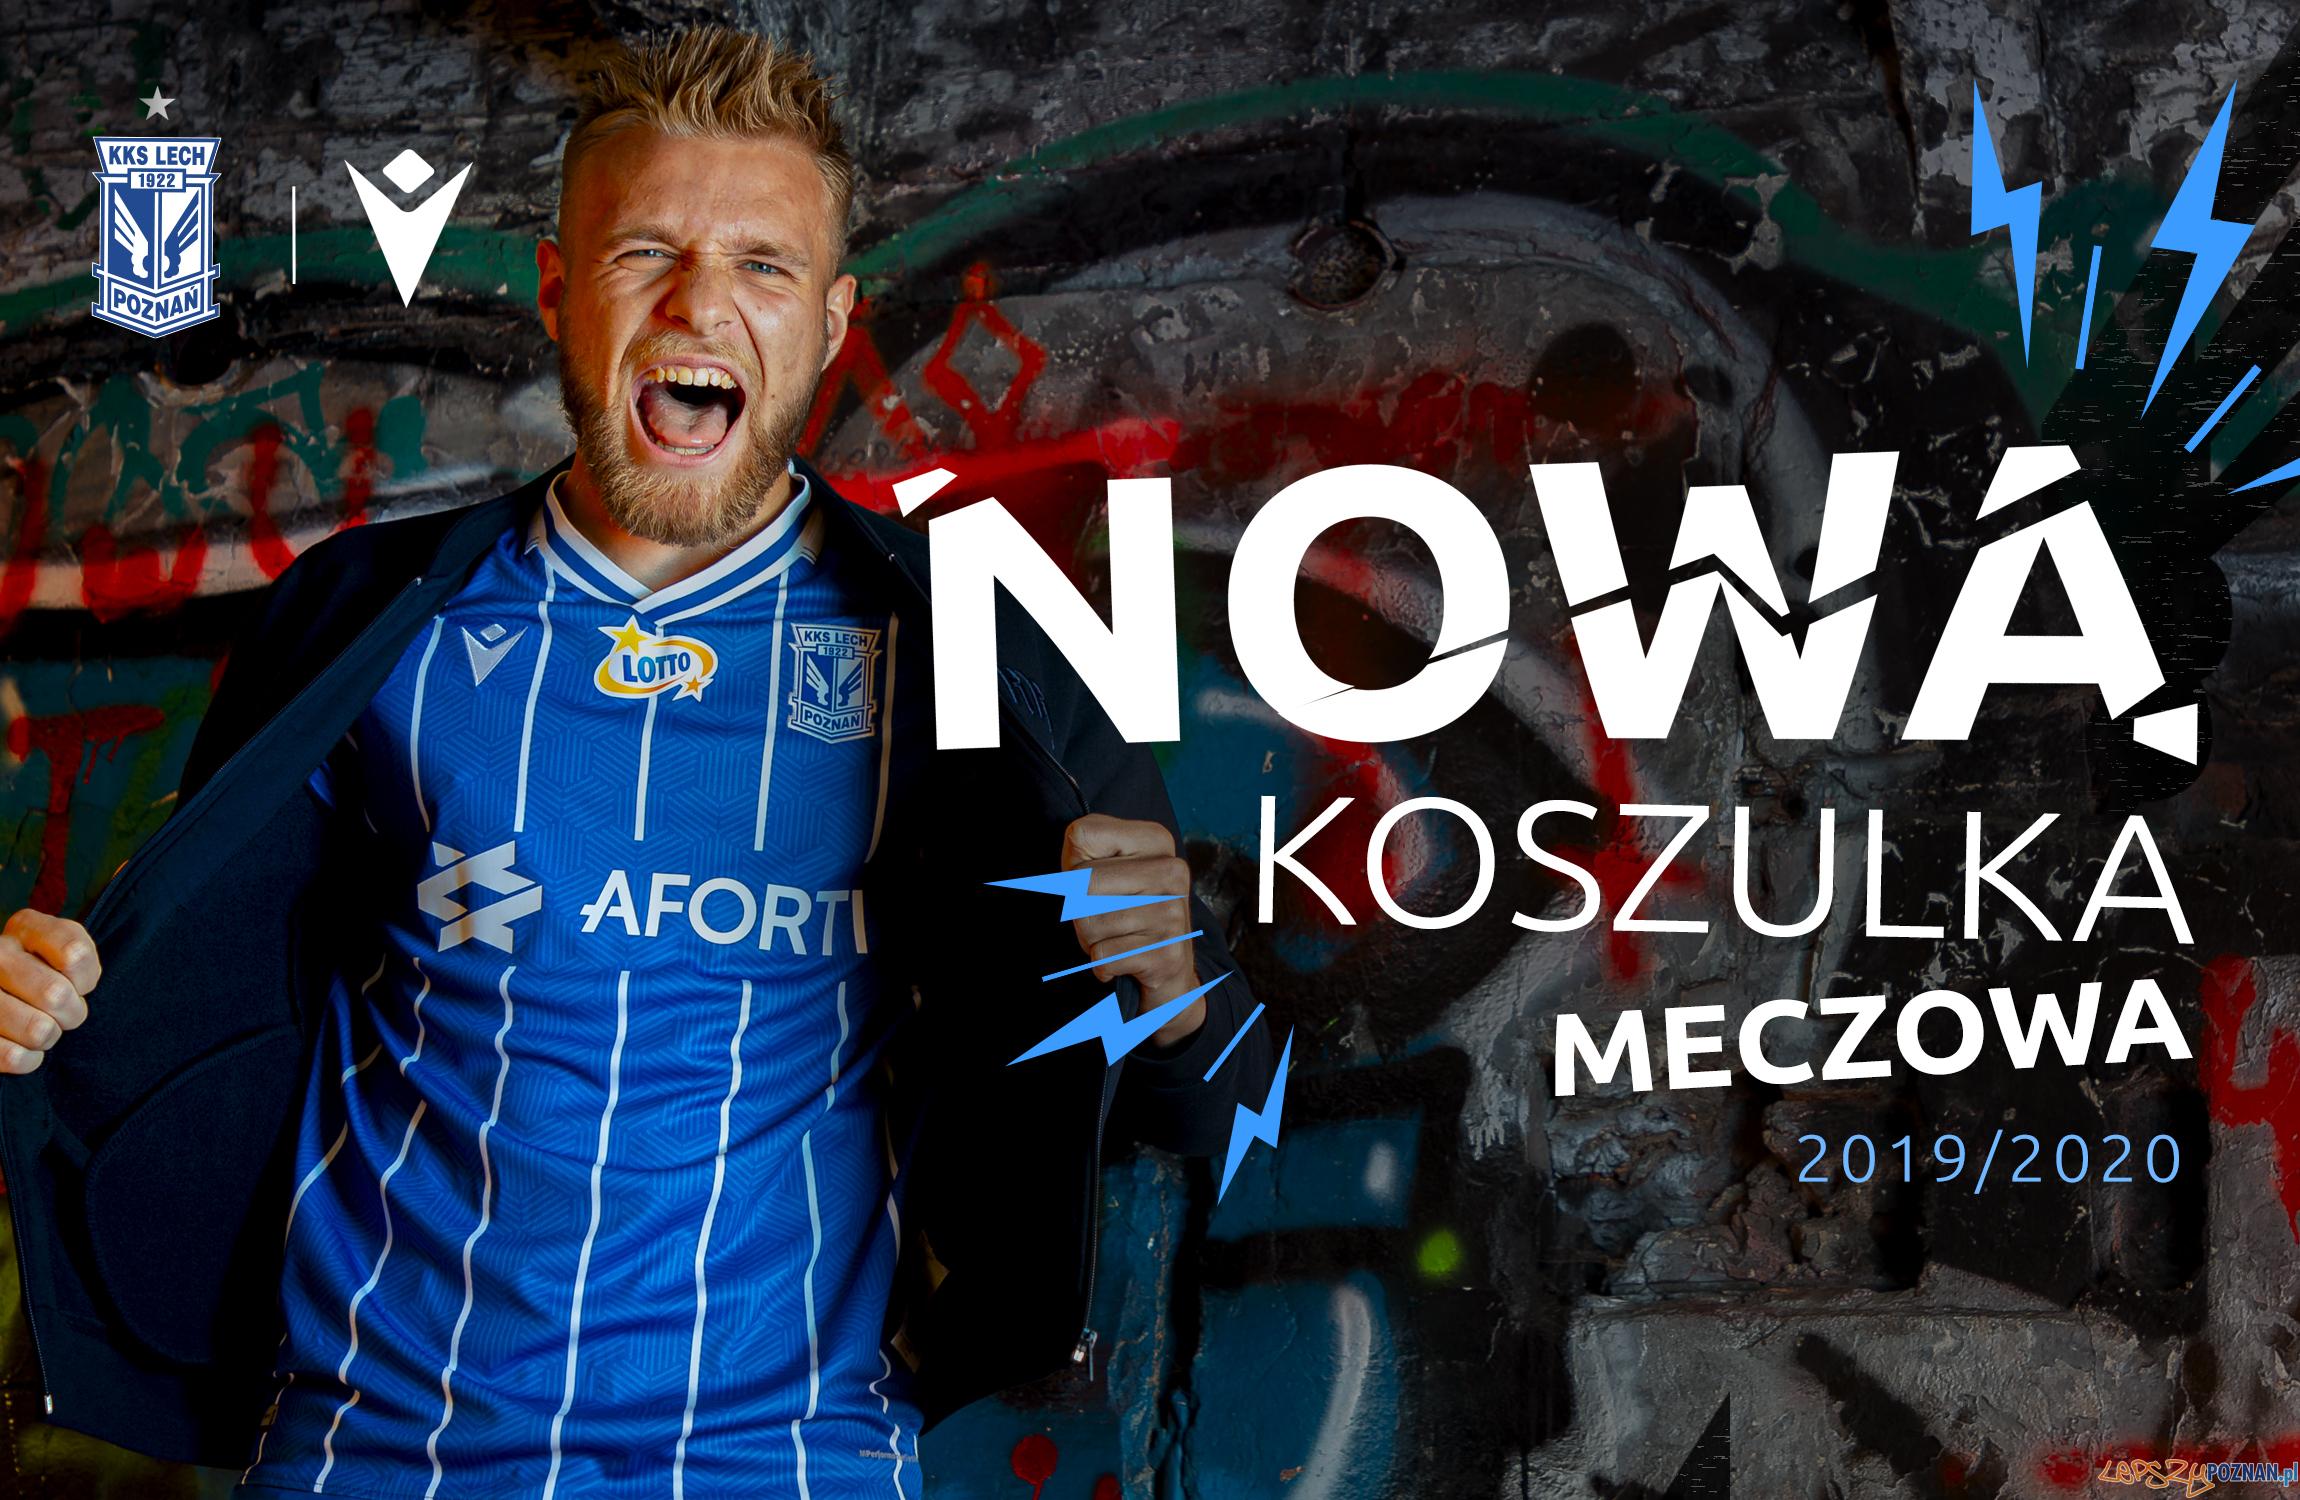 Nowa koszulka meczowa kolejorza  Foto: lechpoznan.pl / Lech Poznań